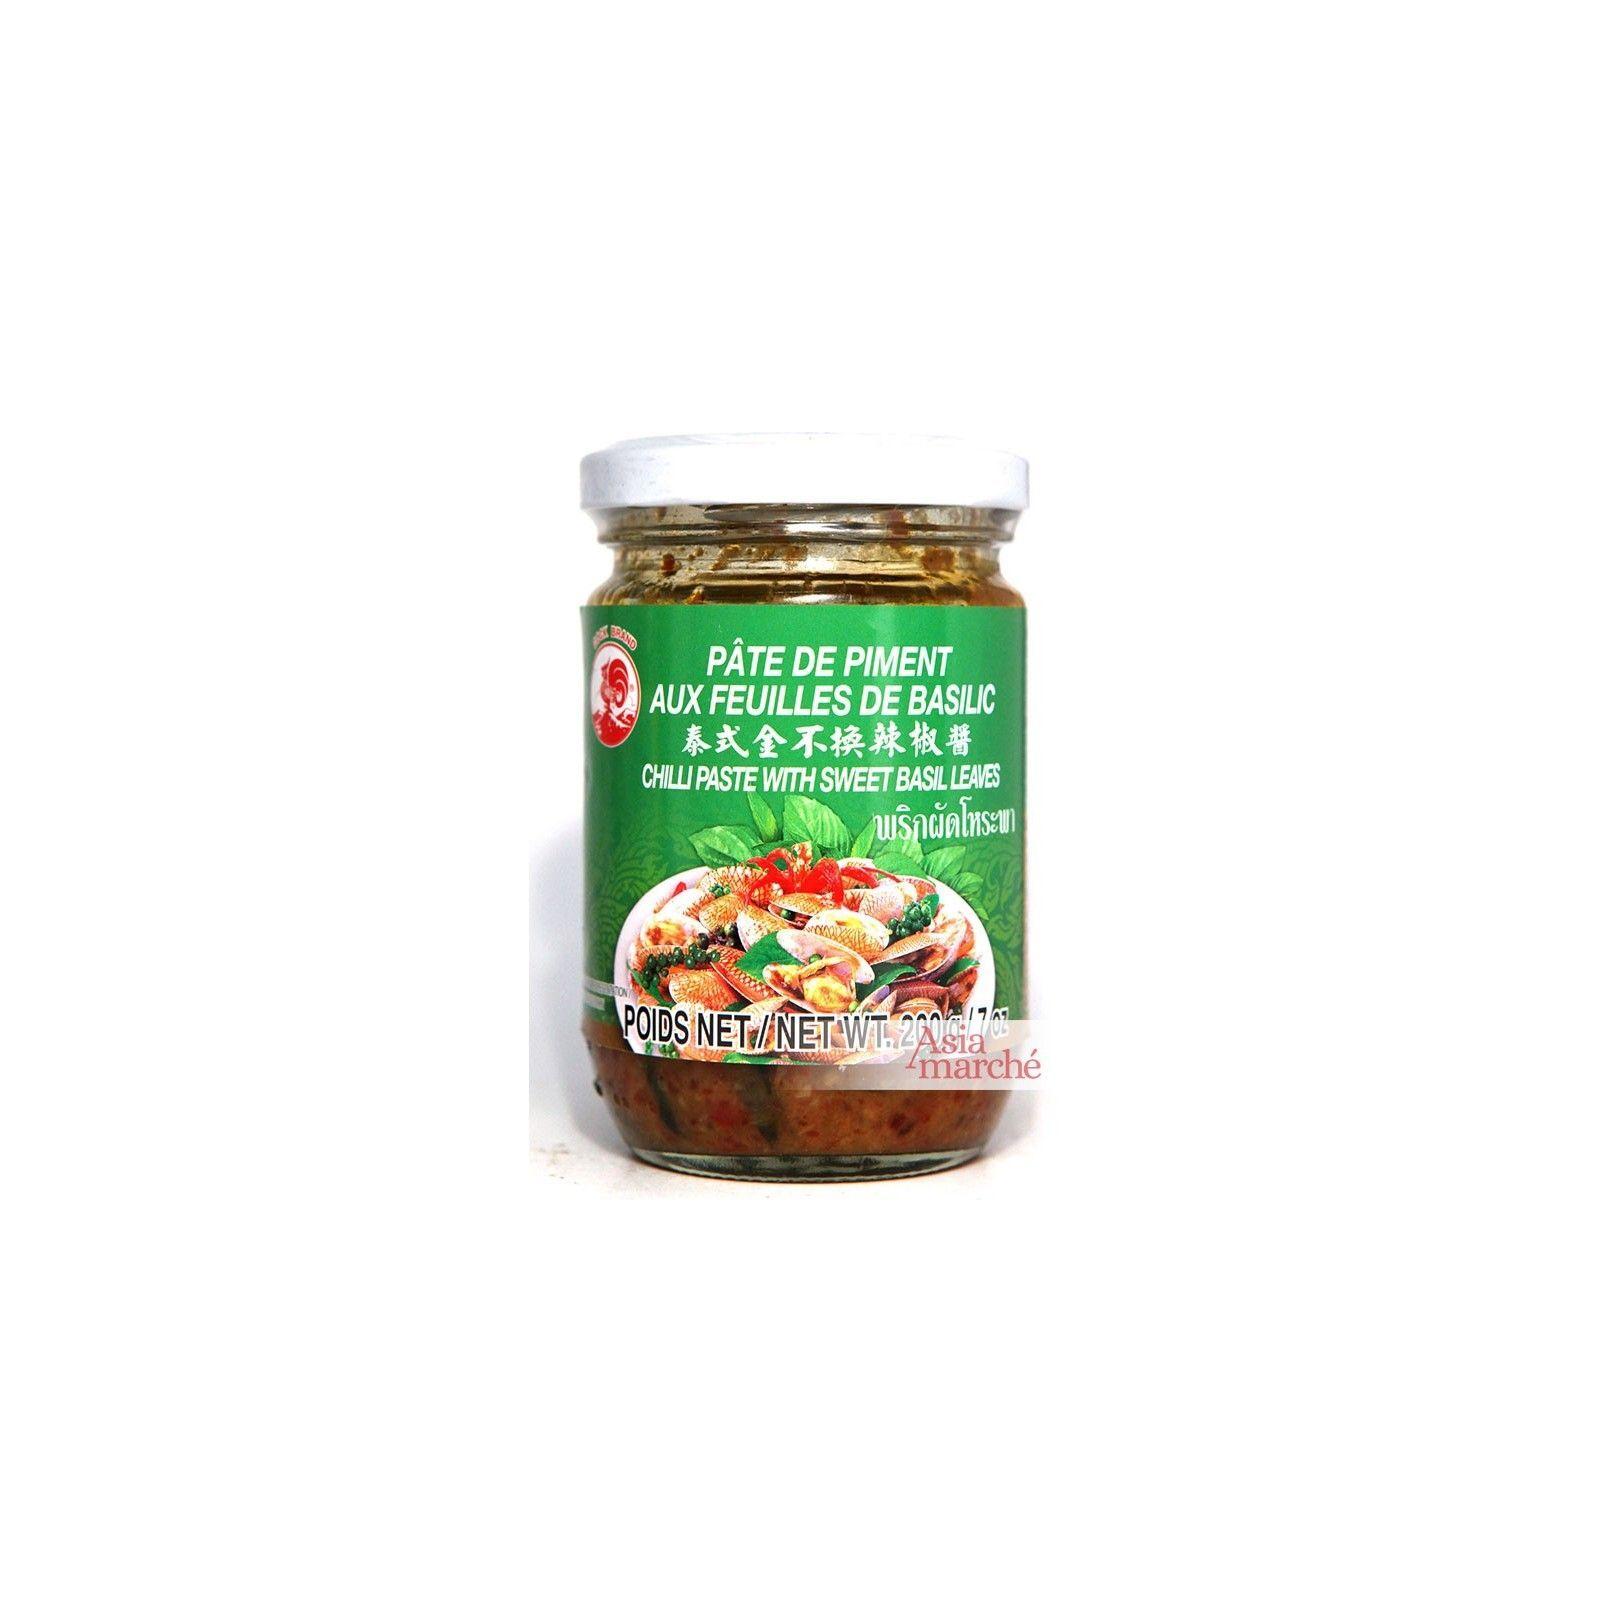 Asia Marché Pâte de piment au basilic 200g Coq